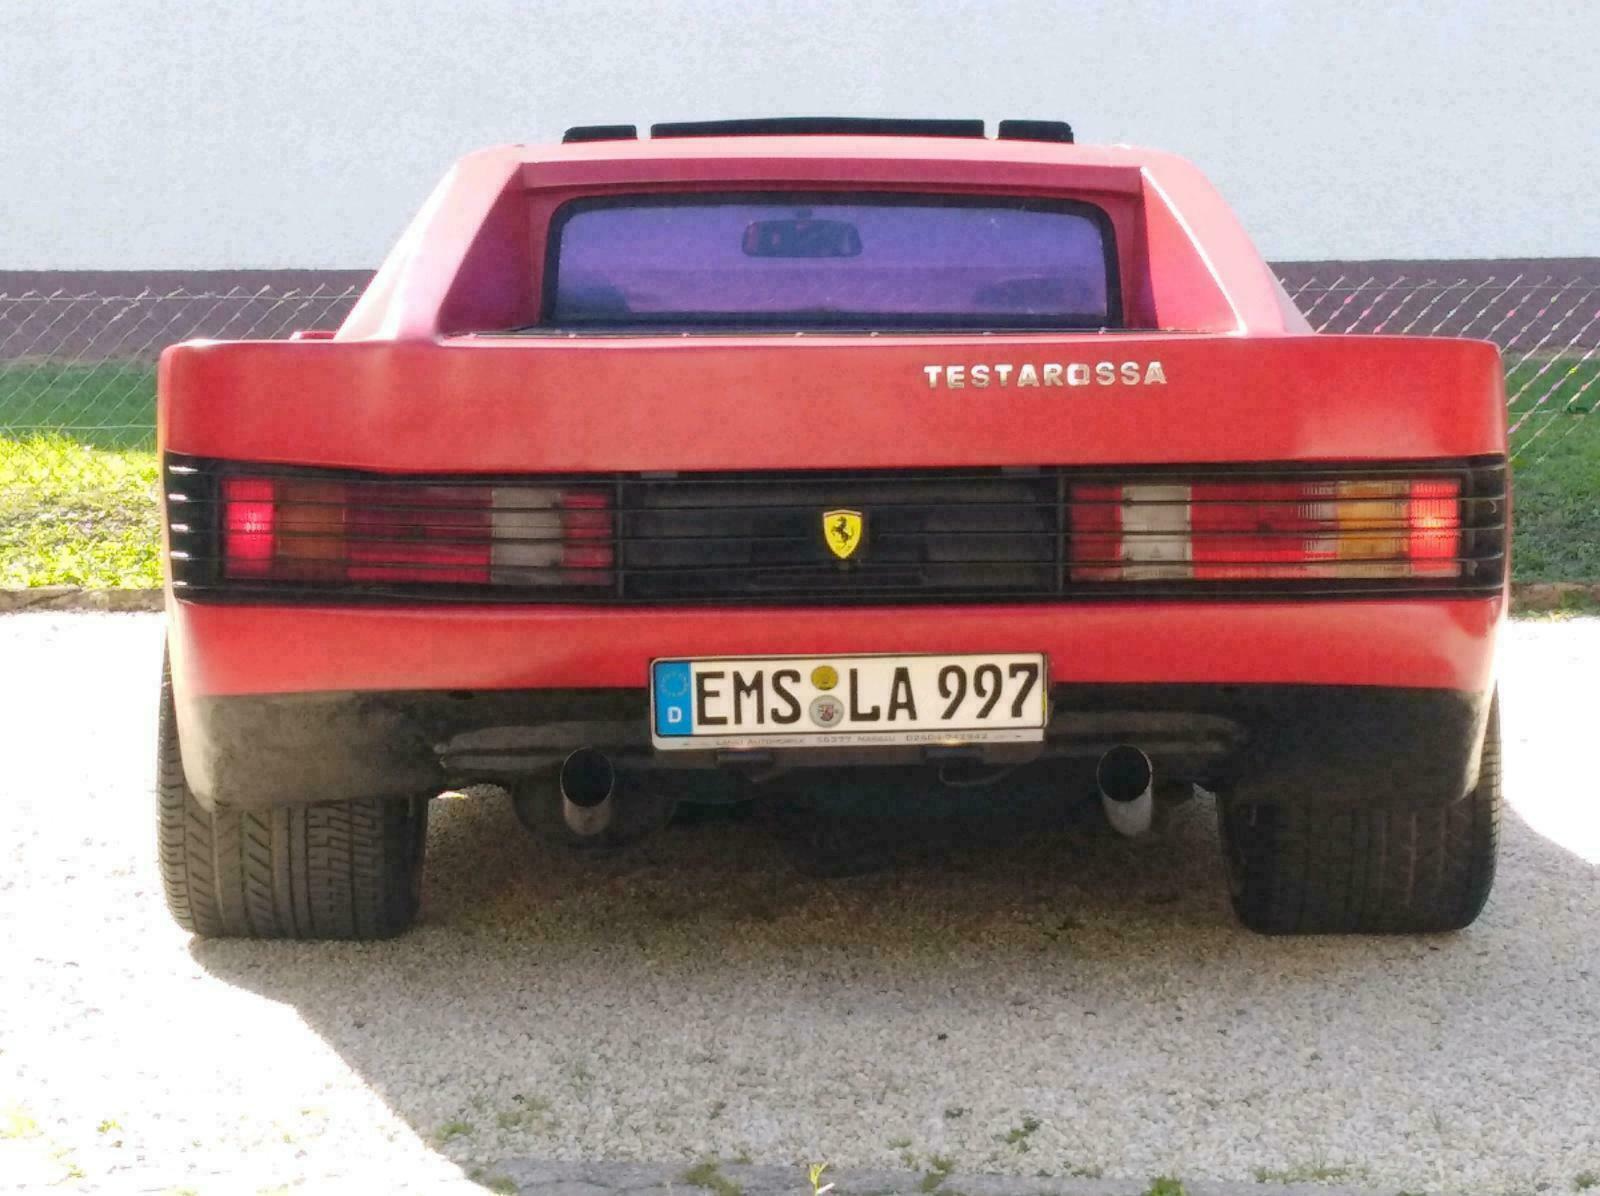 Porsche-924-Ferrari-Testarossa-Replica-5